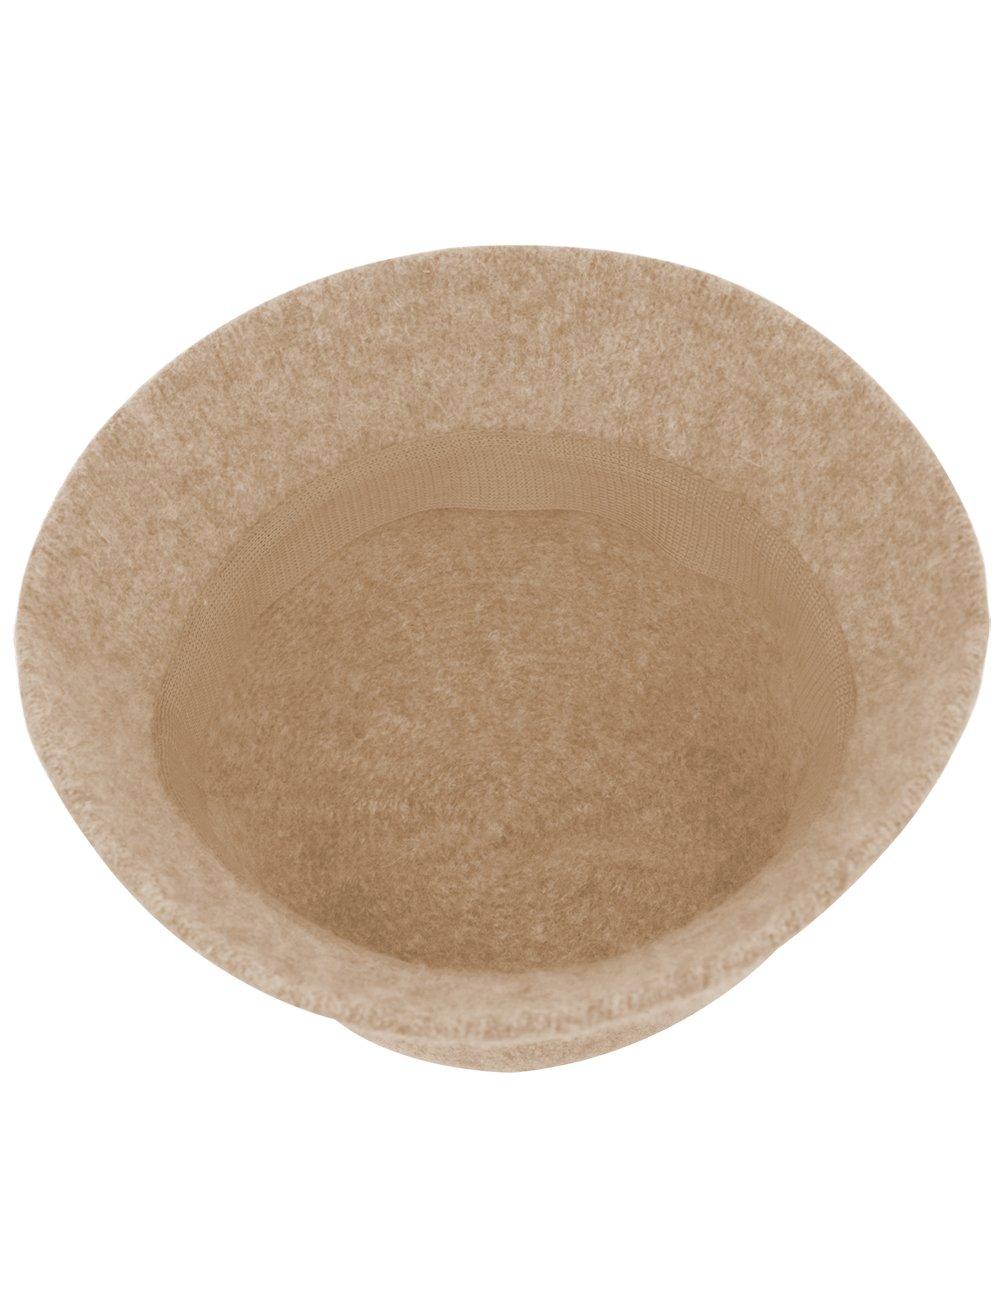 Dahlia Women's Wool Blend Hand Beaded Winter Bucket Hat/Cloche Hat - Tan by Dahlia (Image #5)